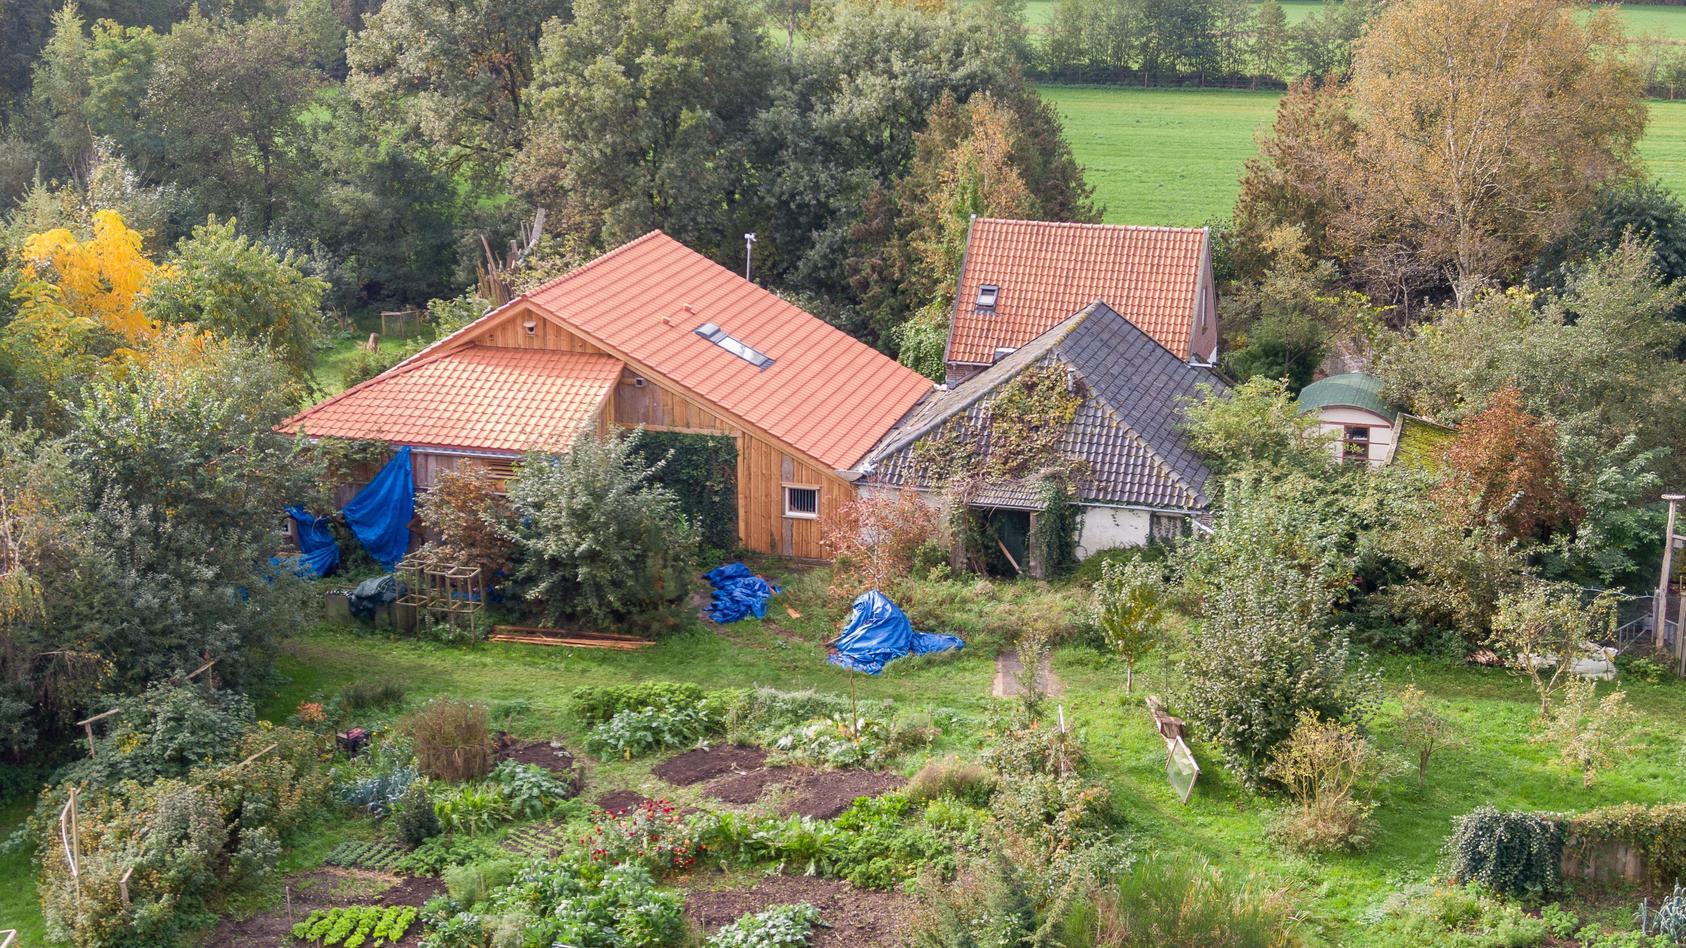 Auf diesem Hof in der Provinz Runierwold soll die Familie neun Jahre lang festgehalten worden sein.